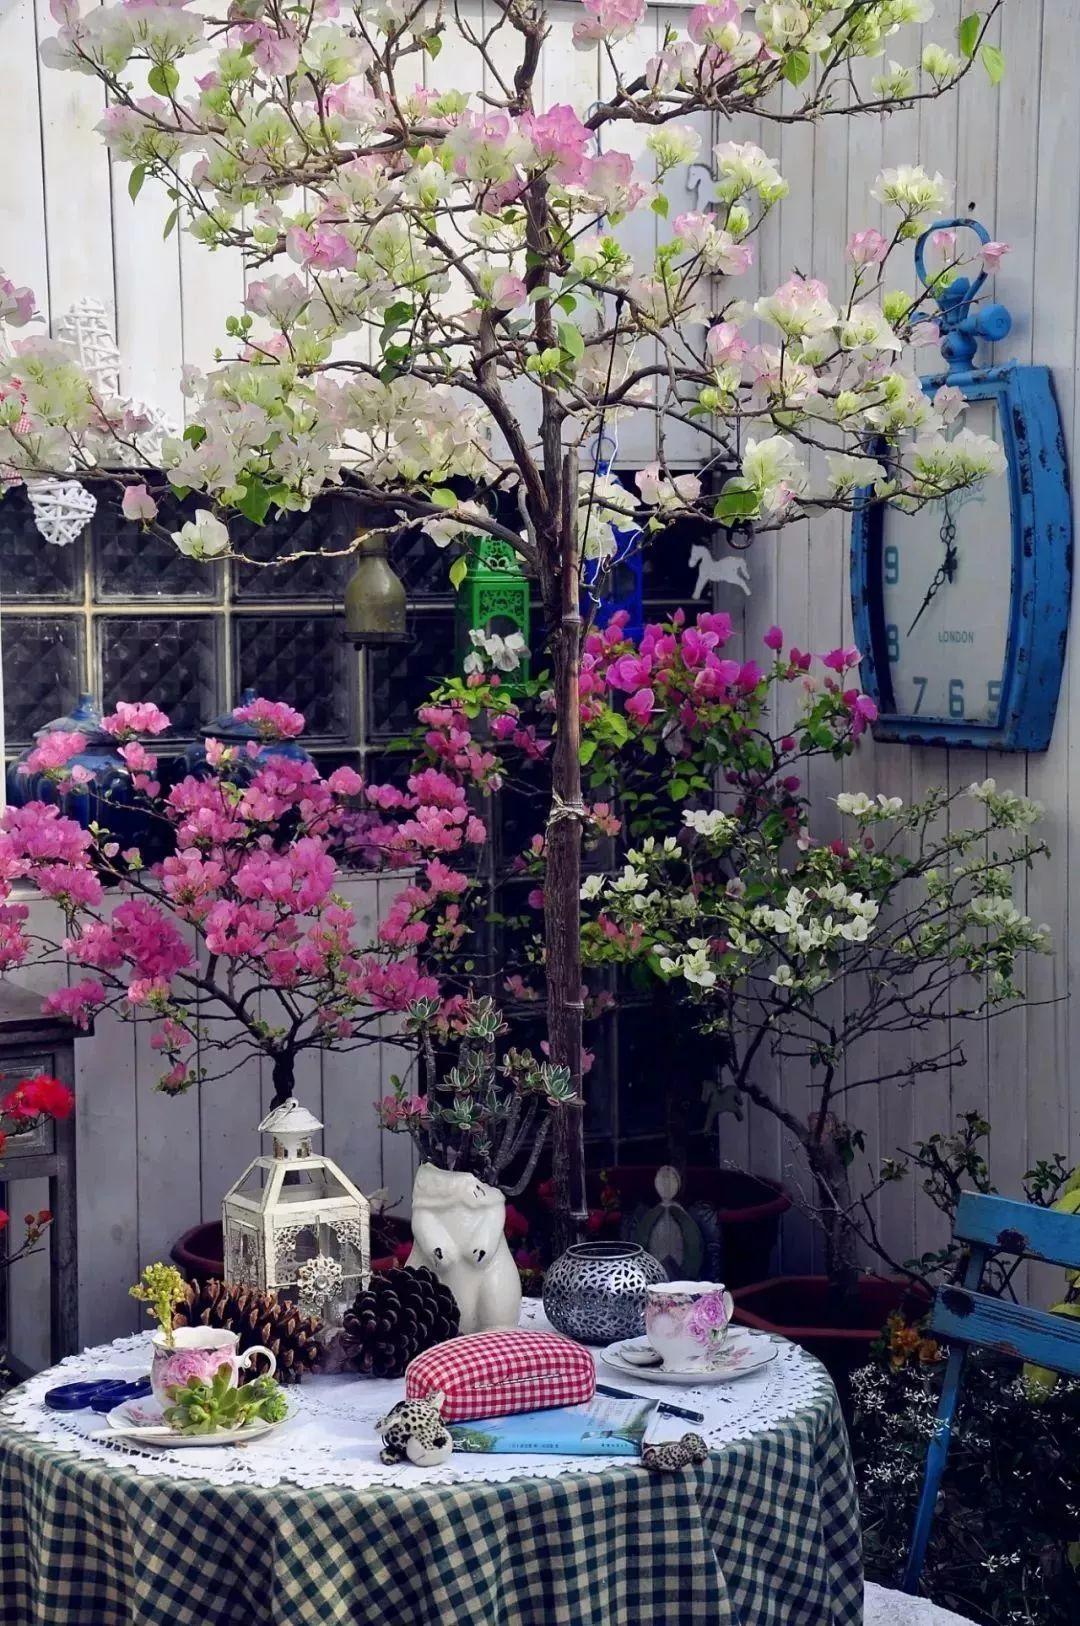 温州鲜切花种植版图扩张 卖花的同时也卖风景